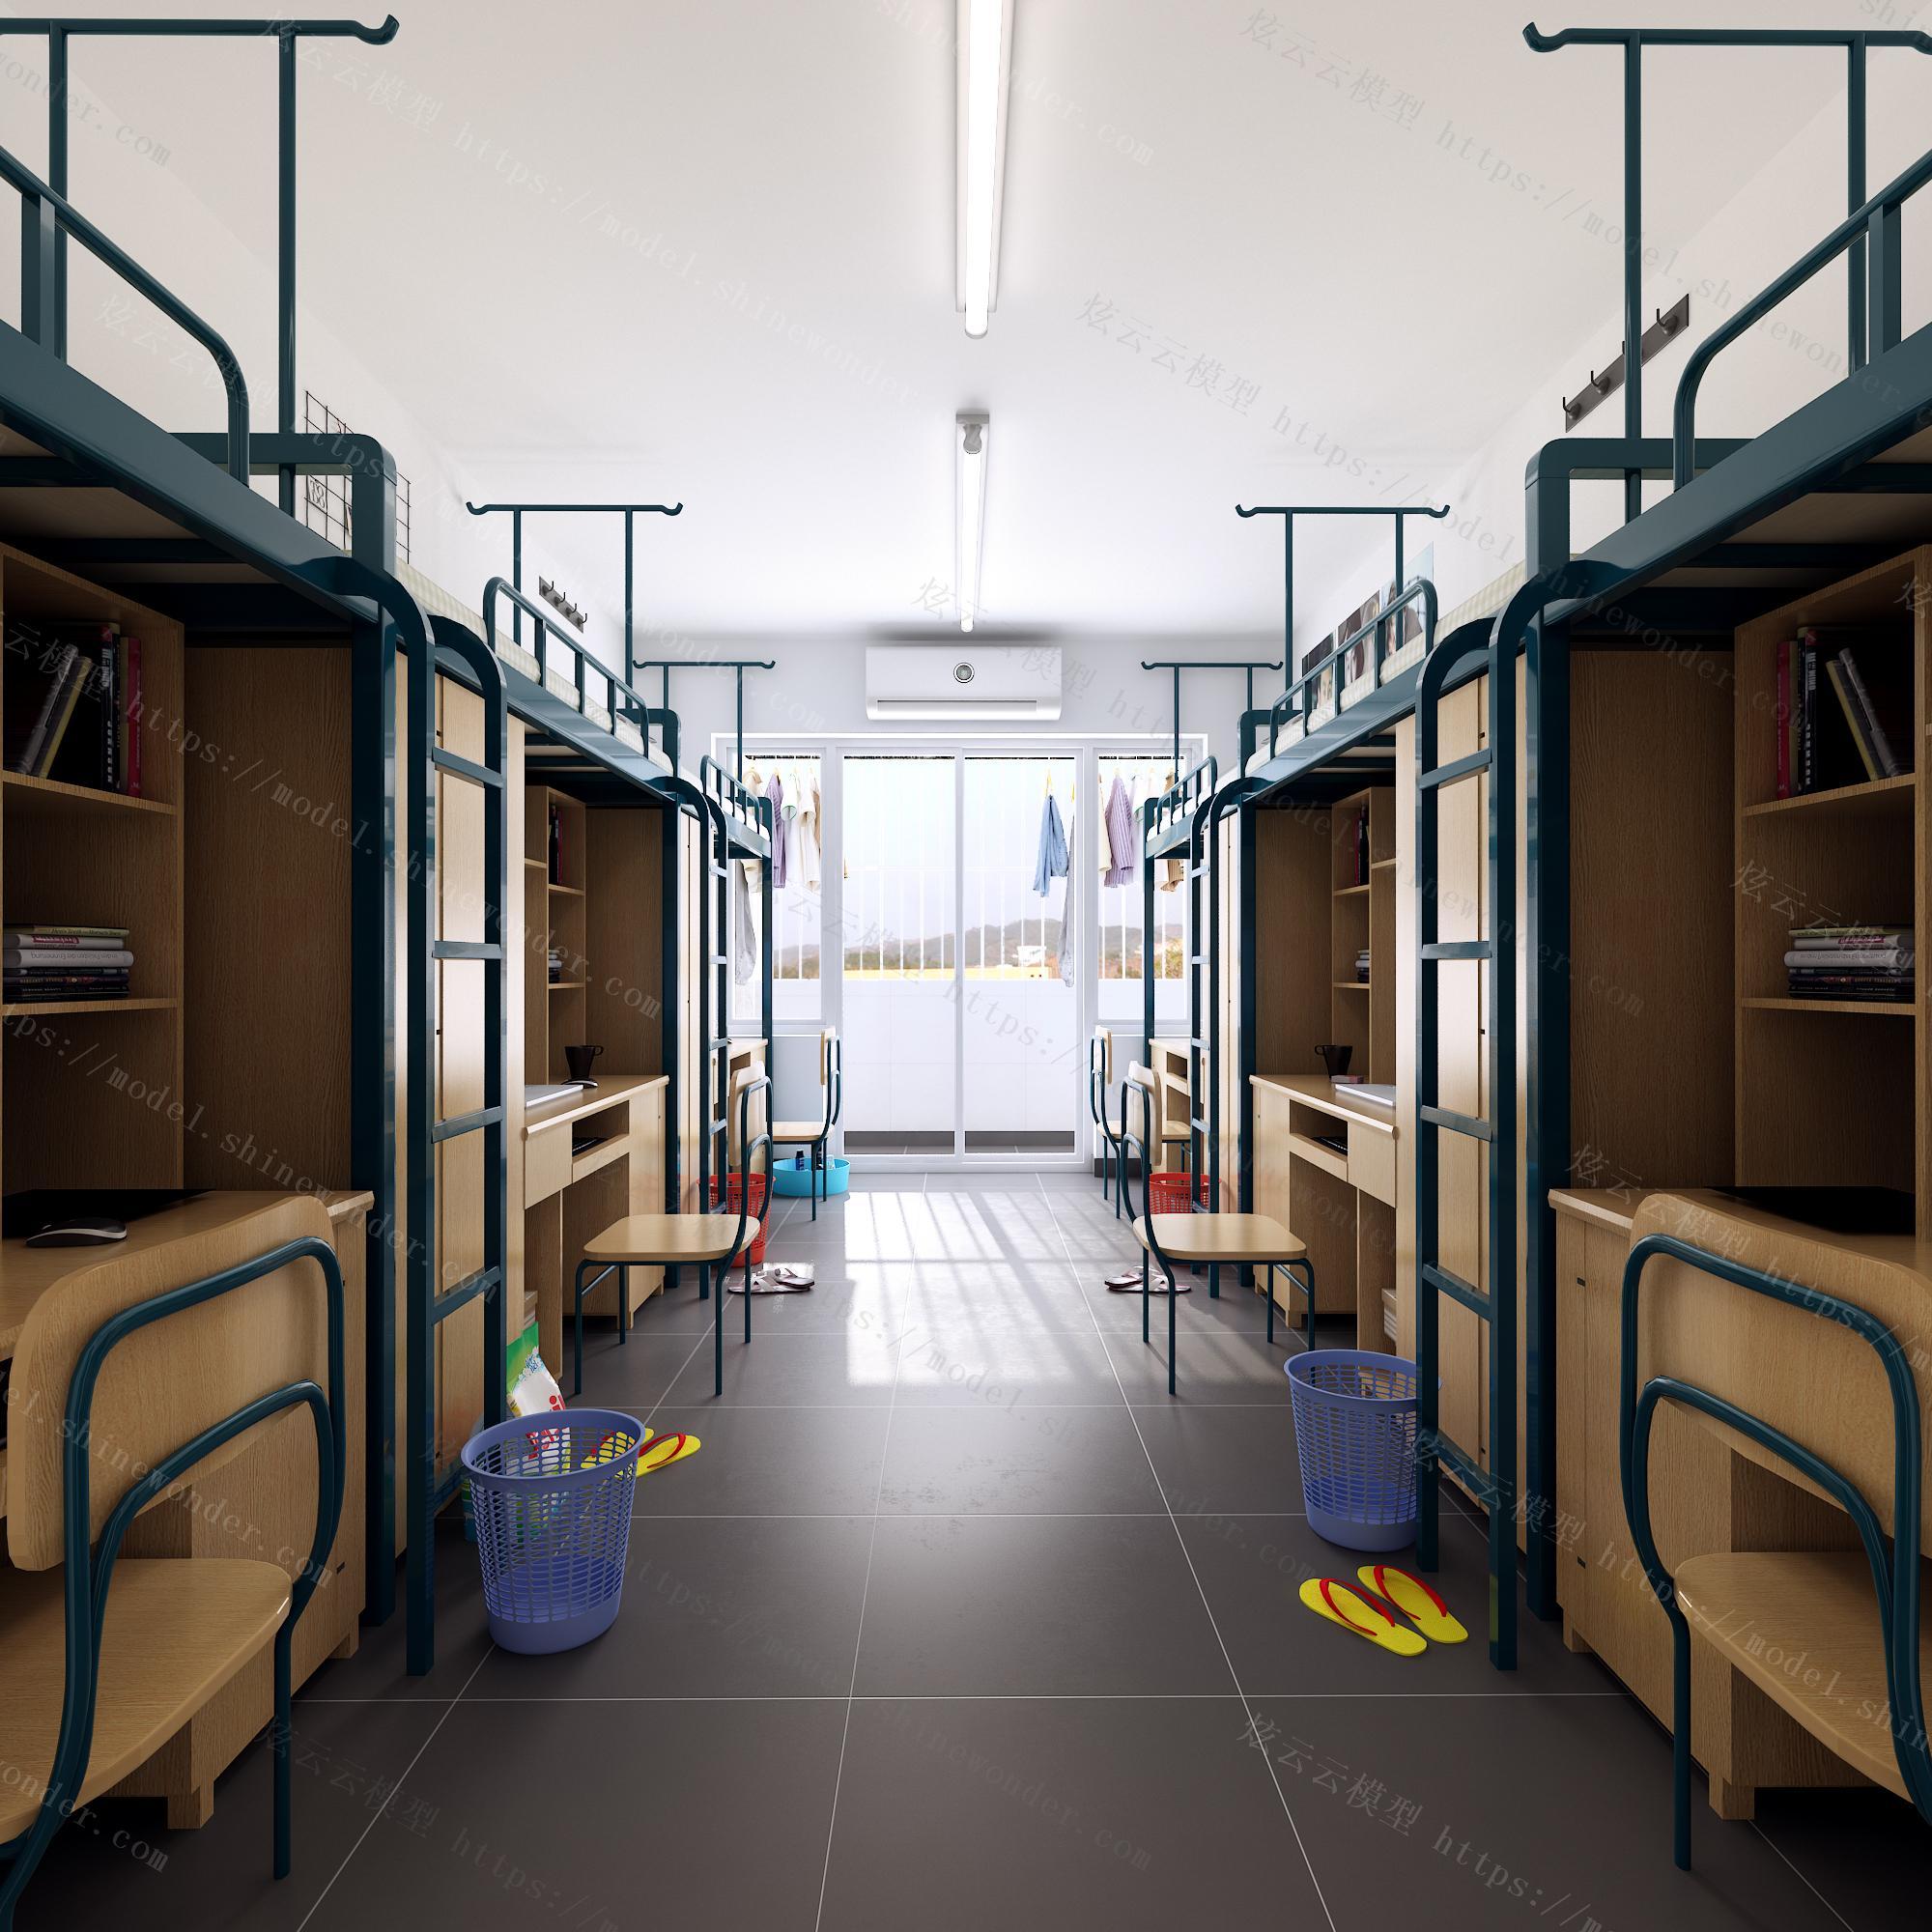 现代学校宿舍模型